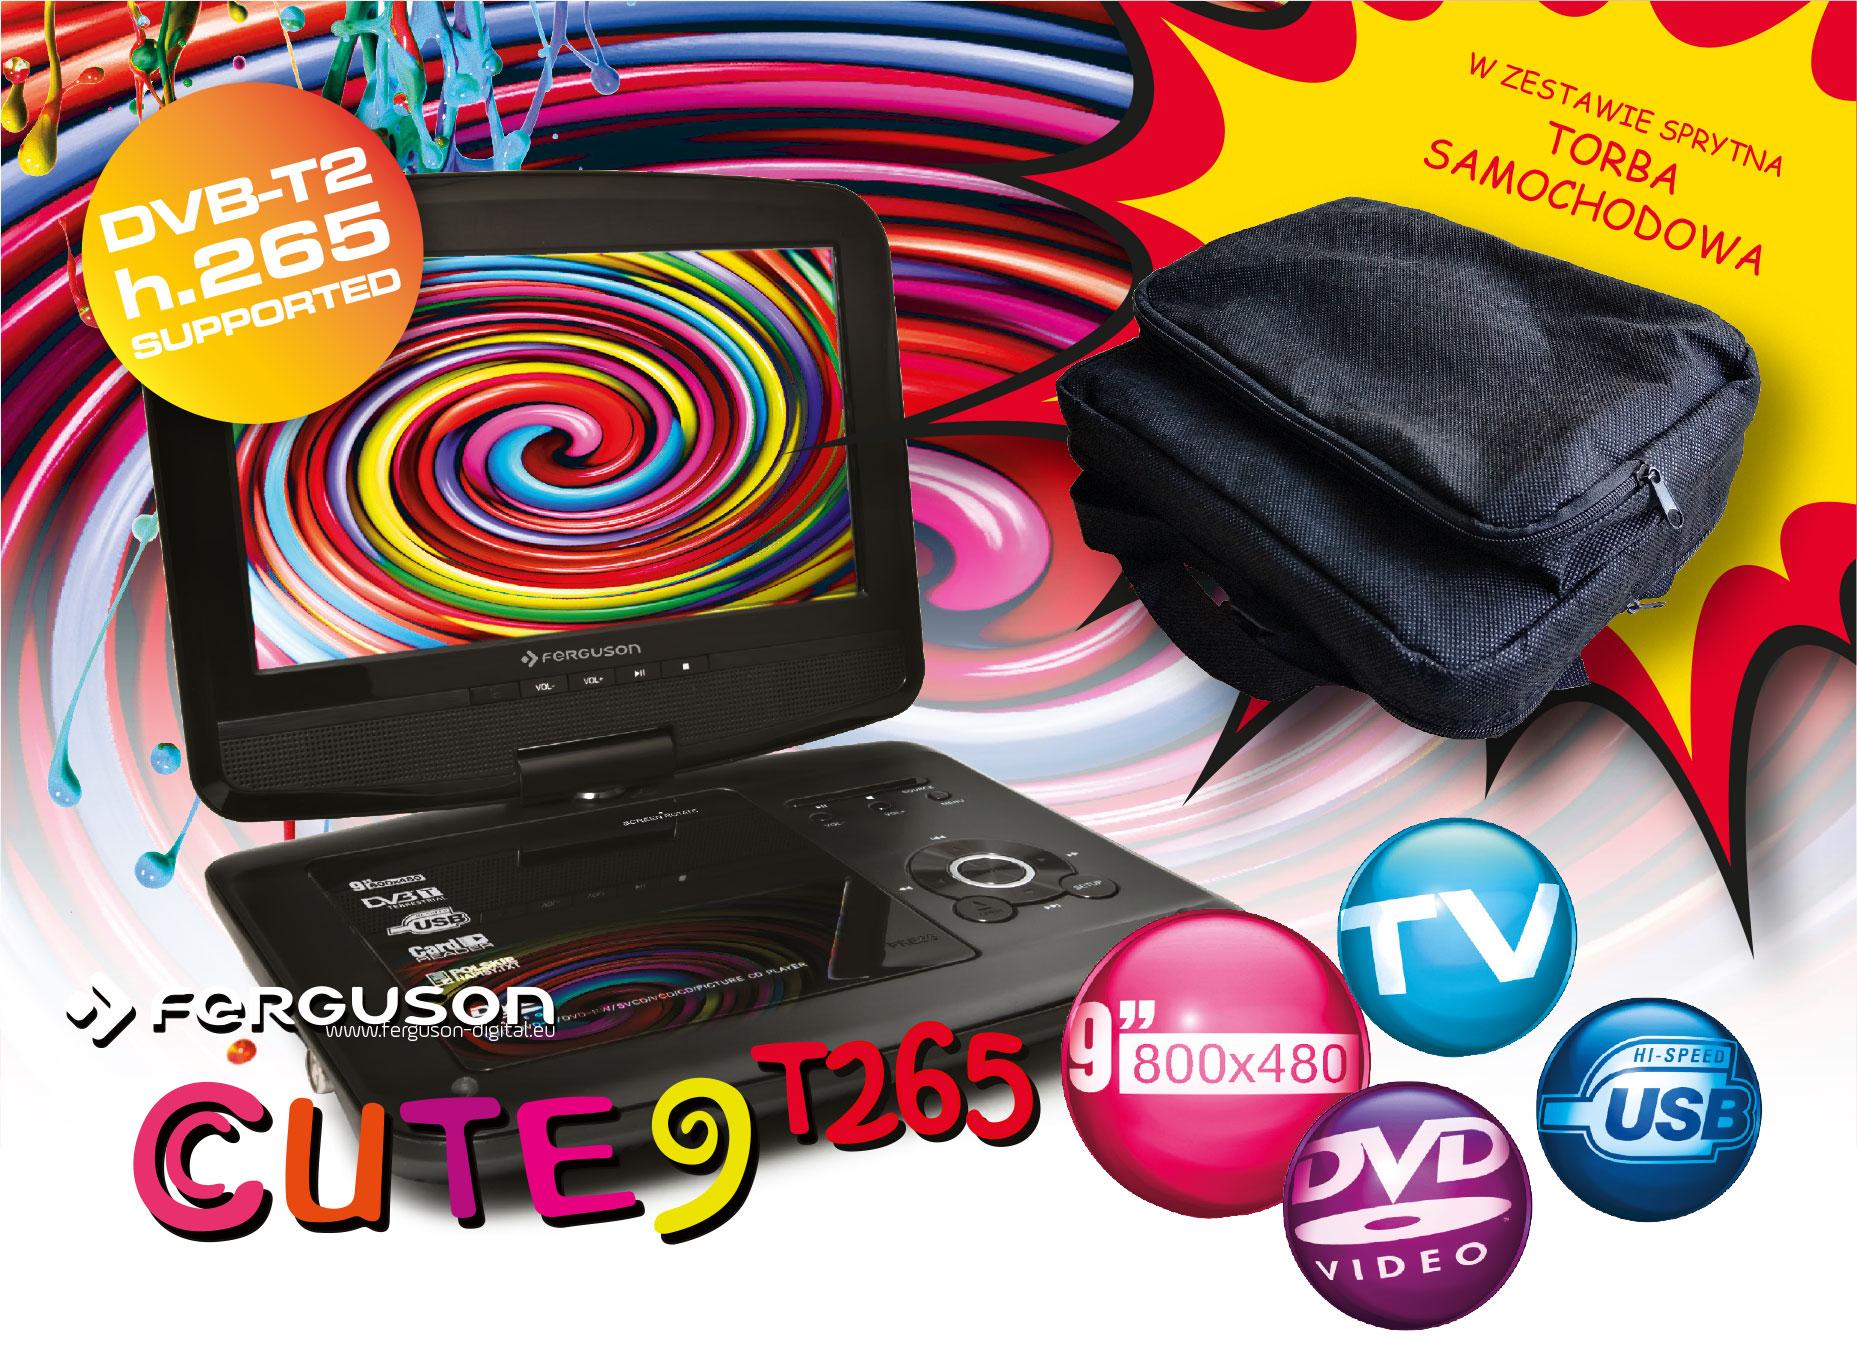 Cute9 T265